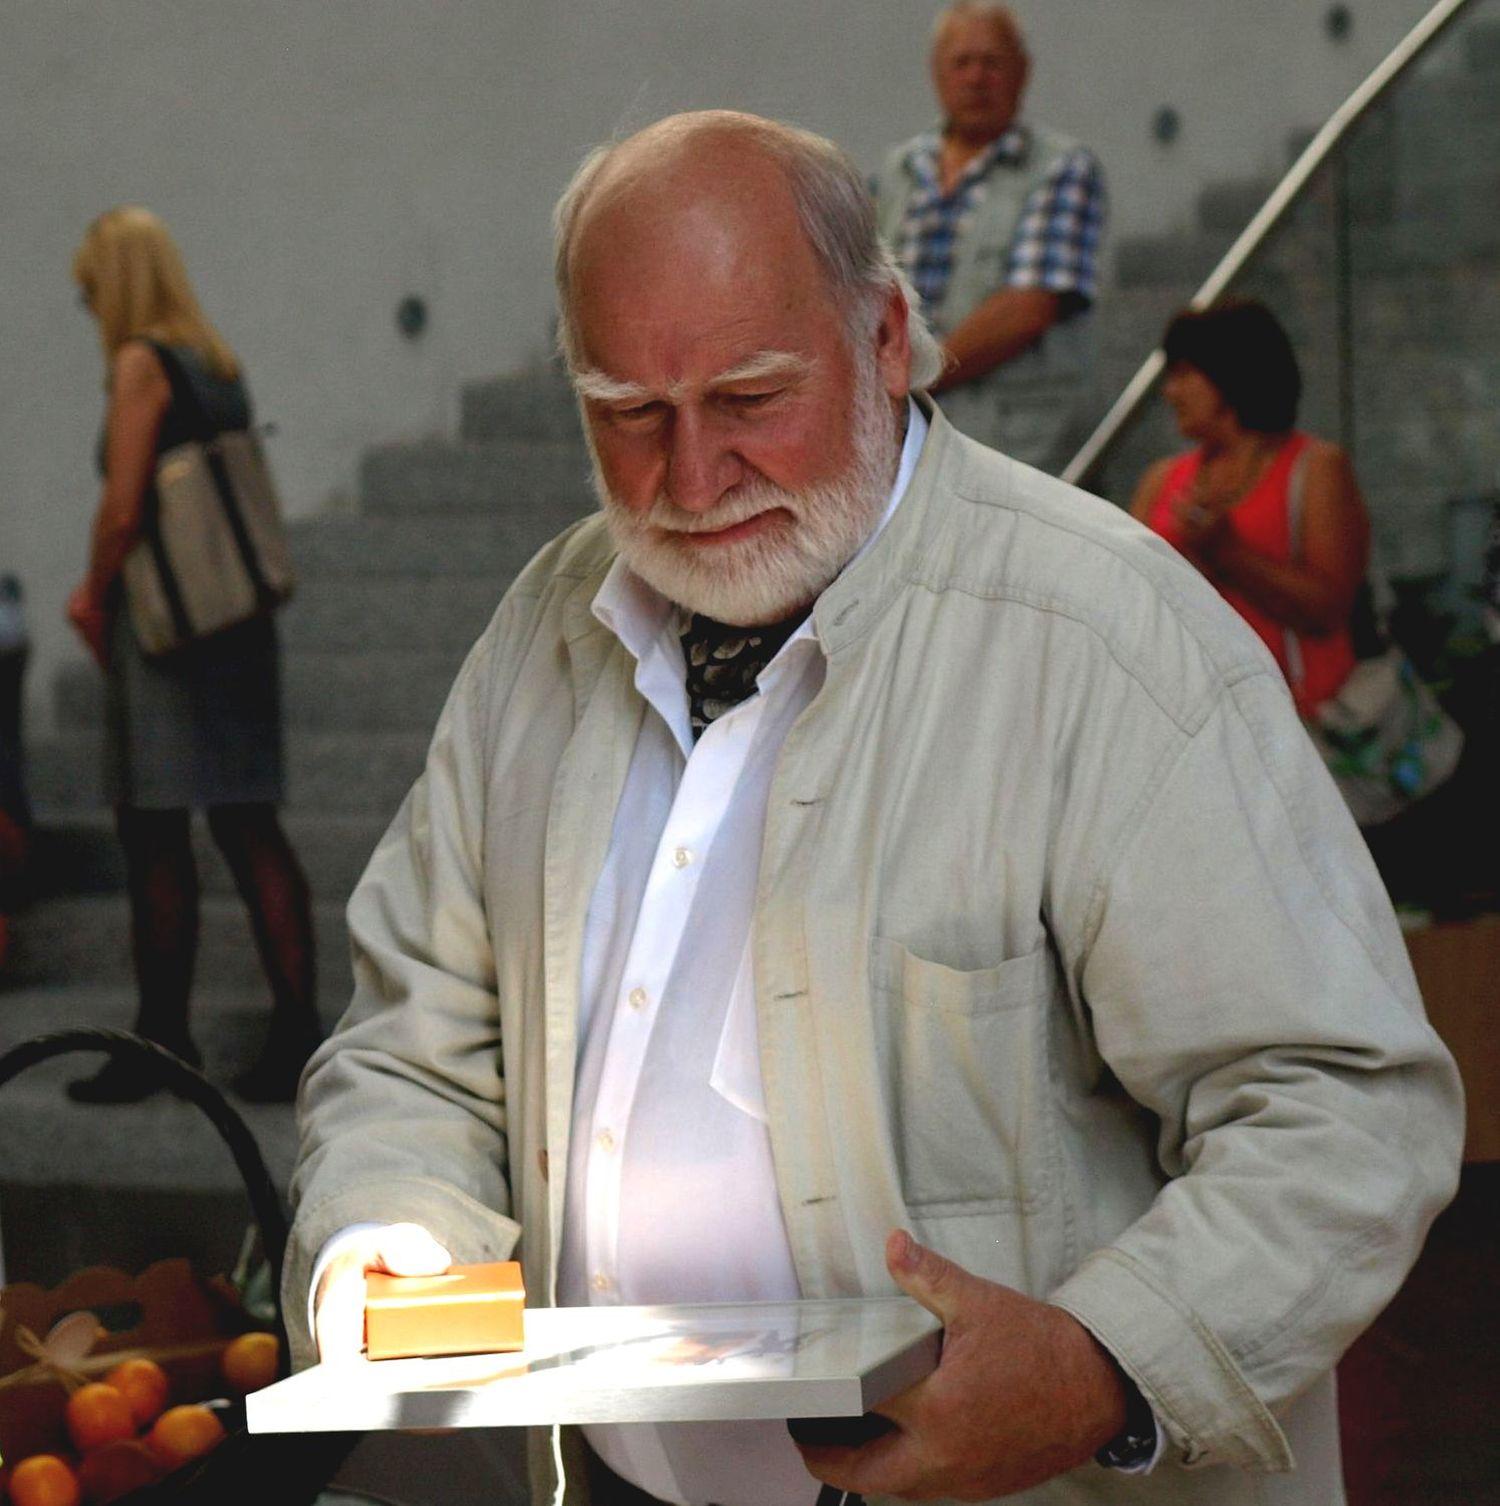 Didžiausias urbanisto Alvydo Steponavičiaus profesinis laimėjimas – Kalniečių mikrorajonas Kaune, už kurį architektas buvo apdovanotas SSSR Ministrų tarybos premija (1983). Foto: © pilotas.lt